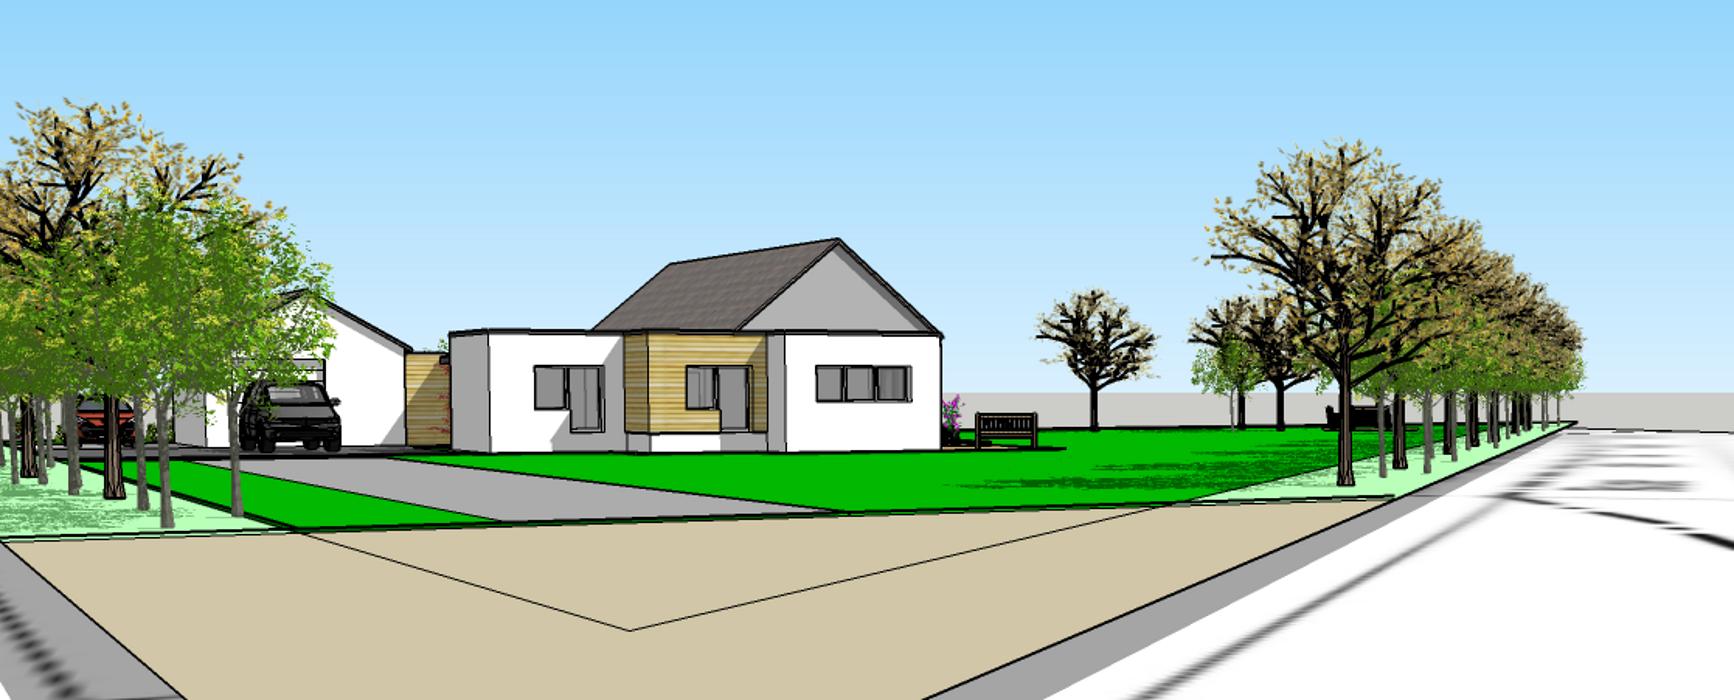 Projet : Aménager une maison avec accessibilité handicapé 04